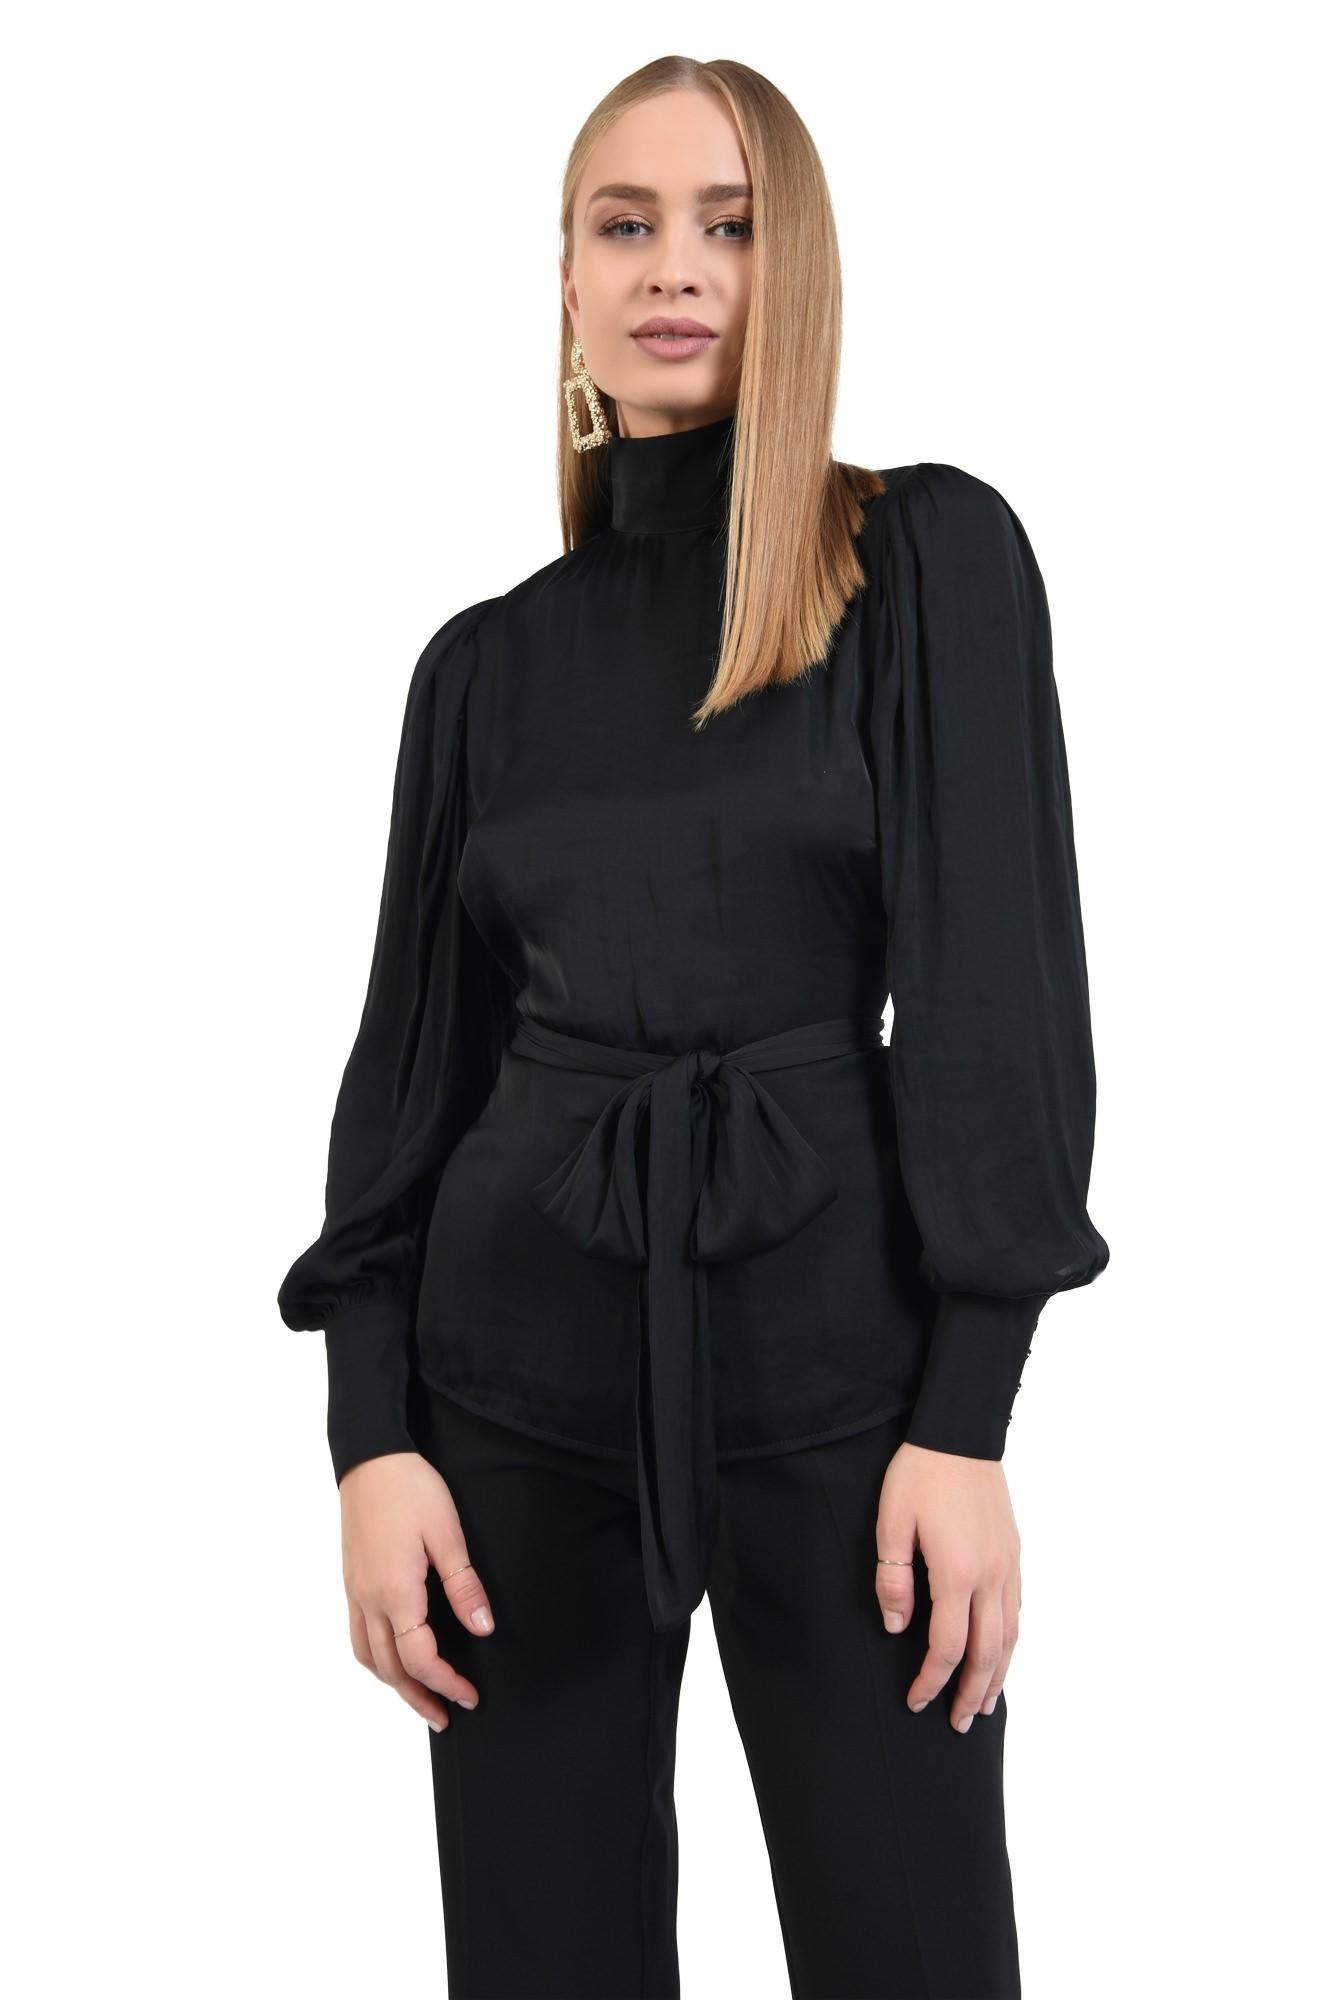 2 - bluza de ocazie, neagra, cu spate decoltat in V, funda in fata sau in spate